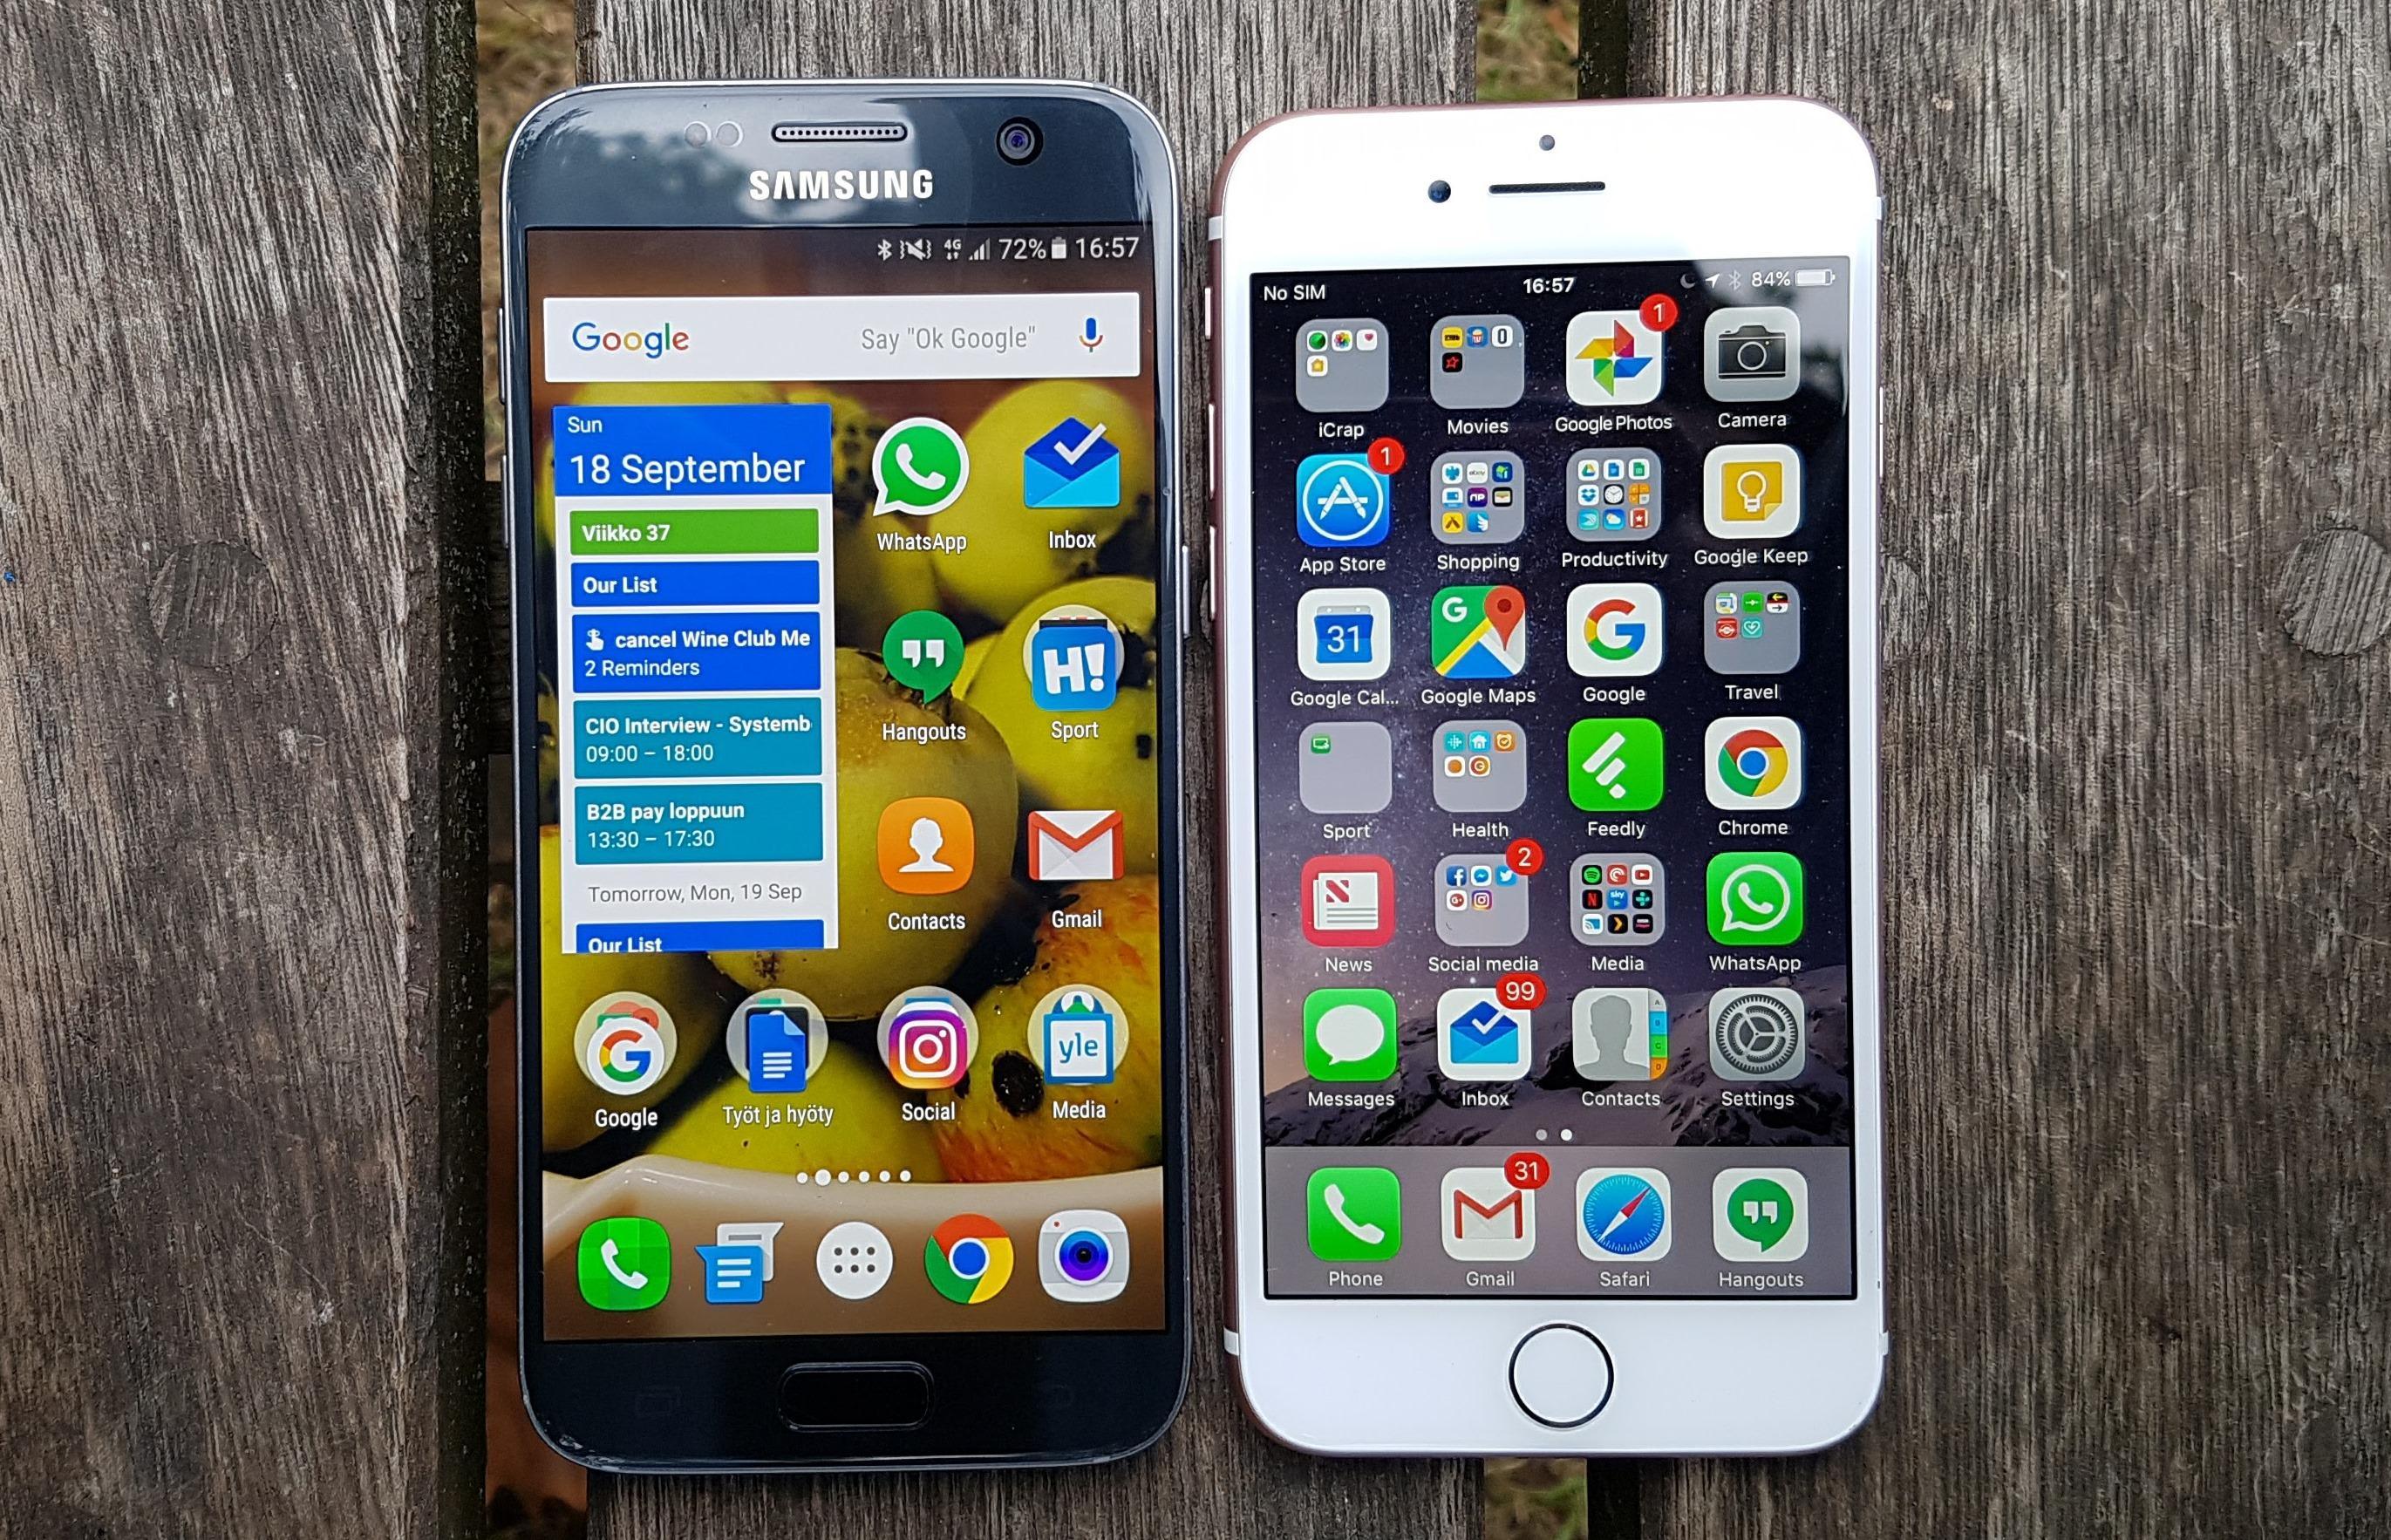 Samsung Galaxy S7 meglio di Apple iPhone 8, lo dice Consumer Reports